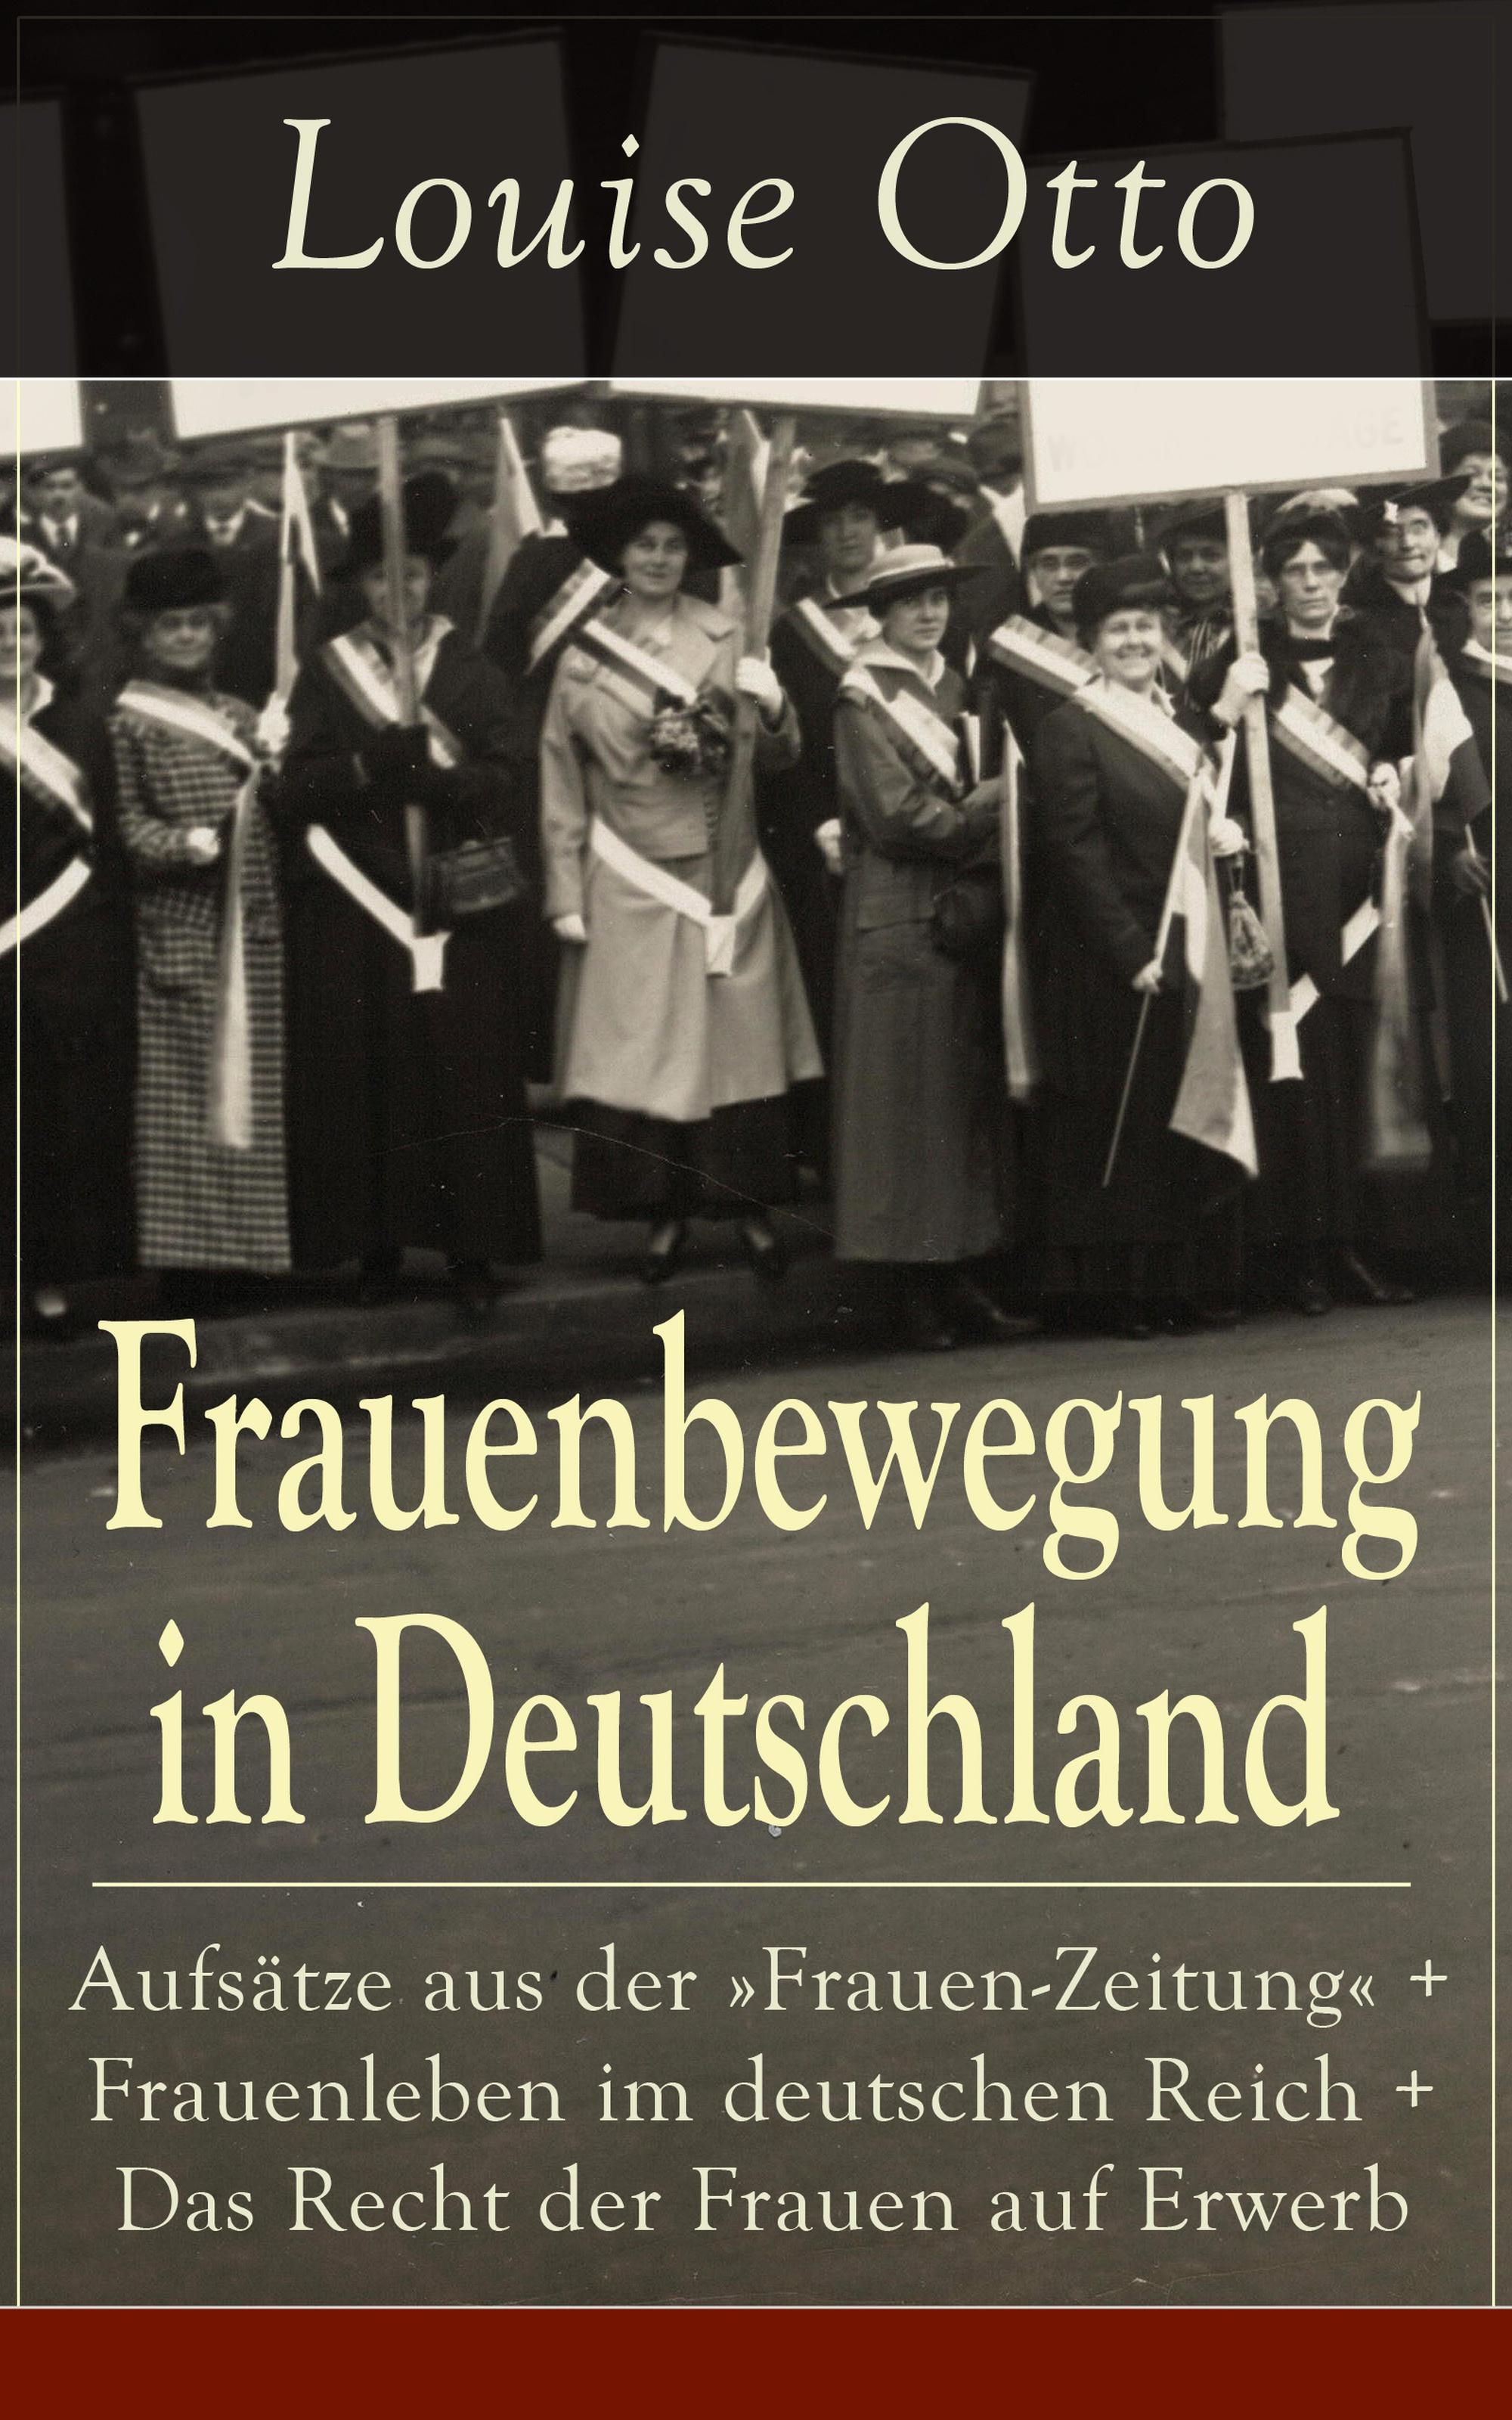 Louise Otto Frauenbewegung in Deutschland: Aufsätze aus der Frauen-Zeitung + Frauenleben im deutschen Reich + Das Recht der Frauen auf Erwerb